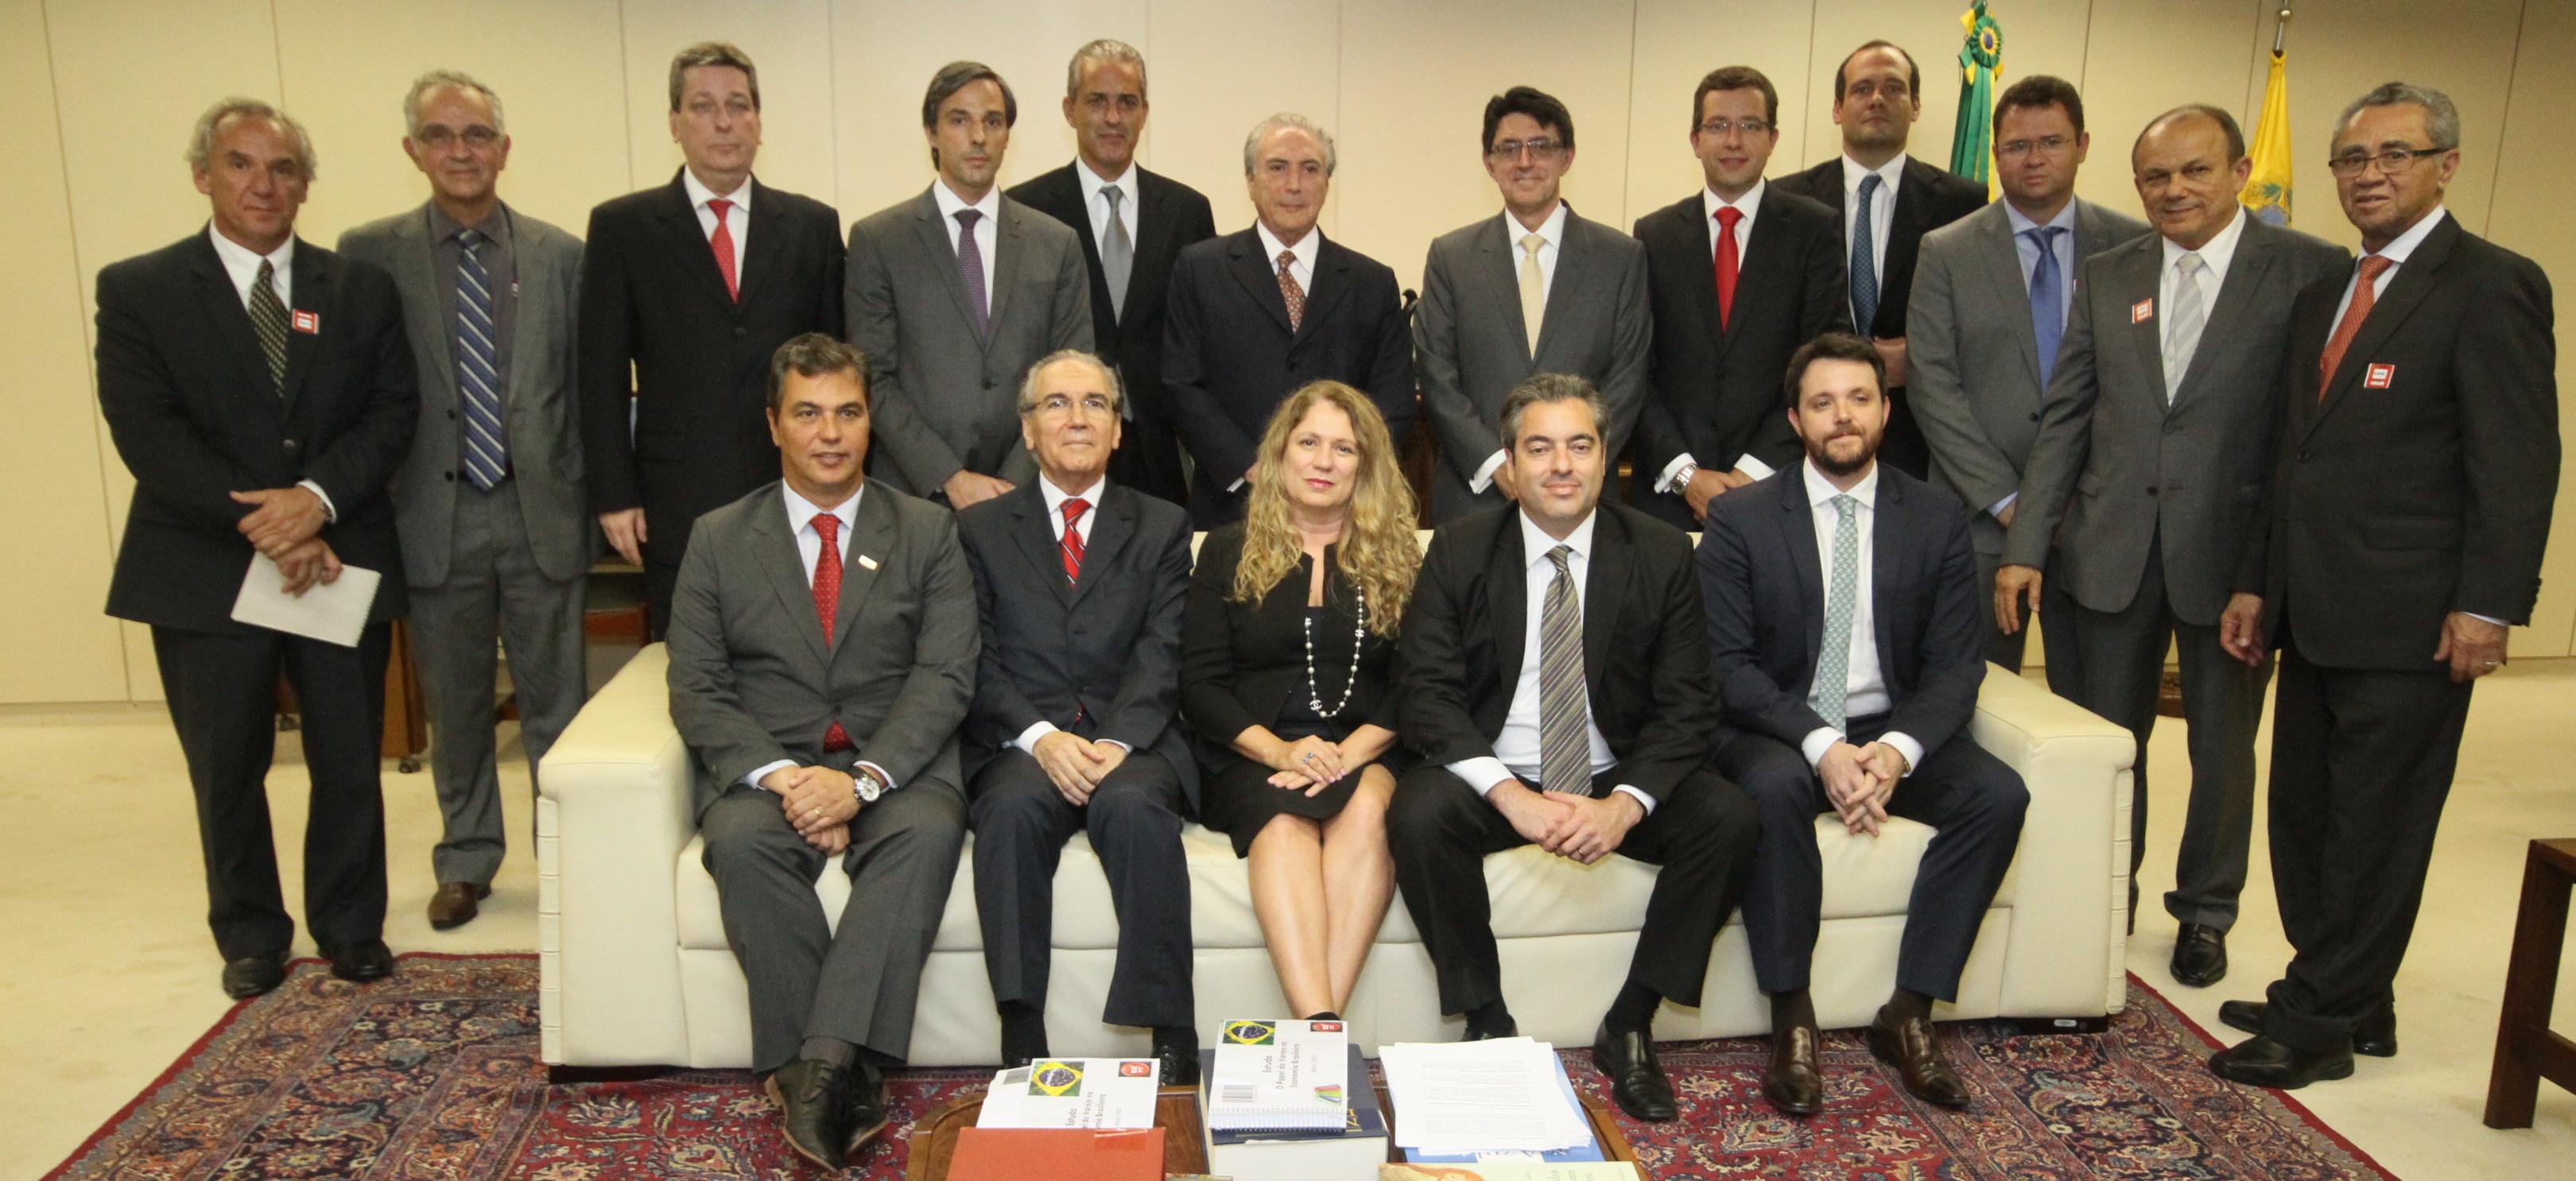 VAREJO E GOVERNO: Representantes buscam diálogo com o Vice-Presidente Michel Temer